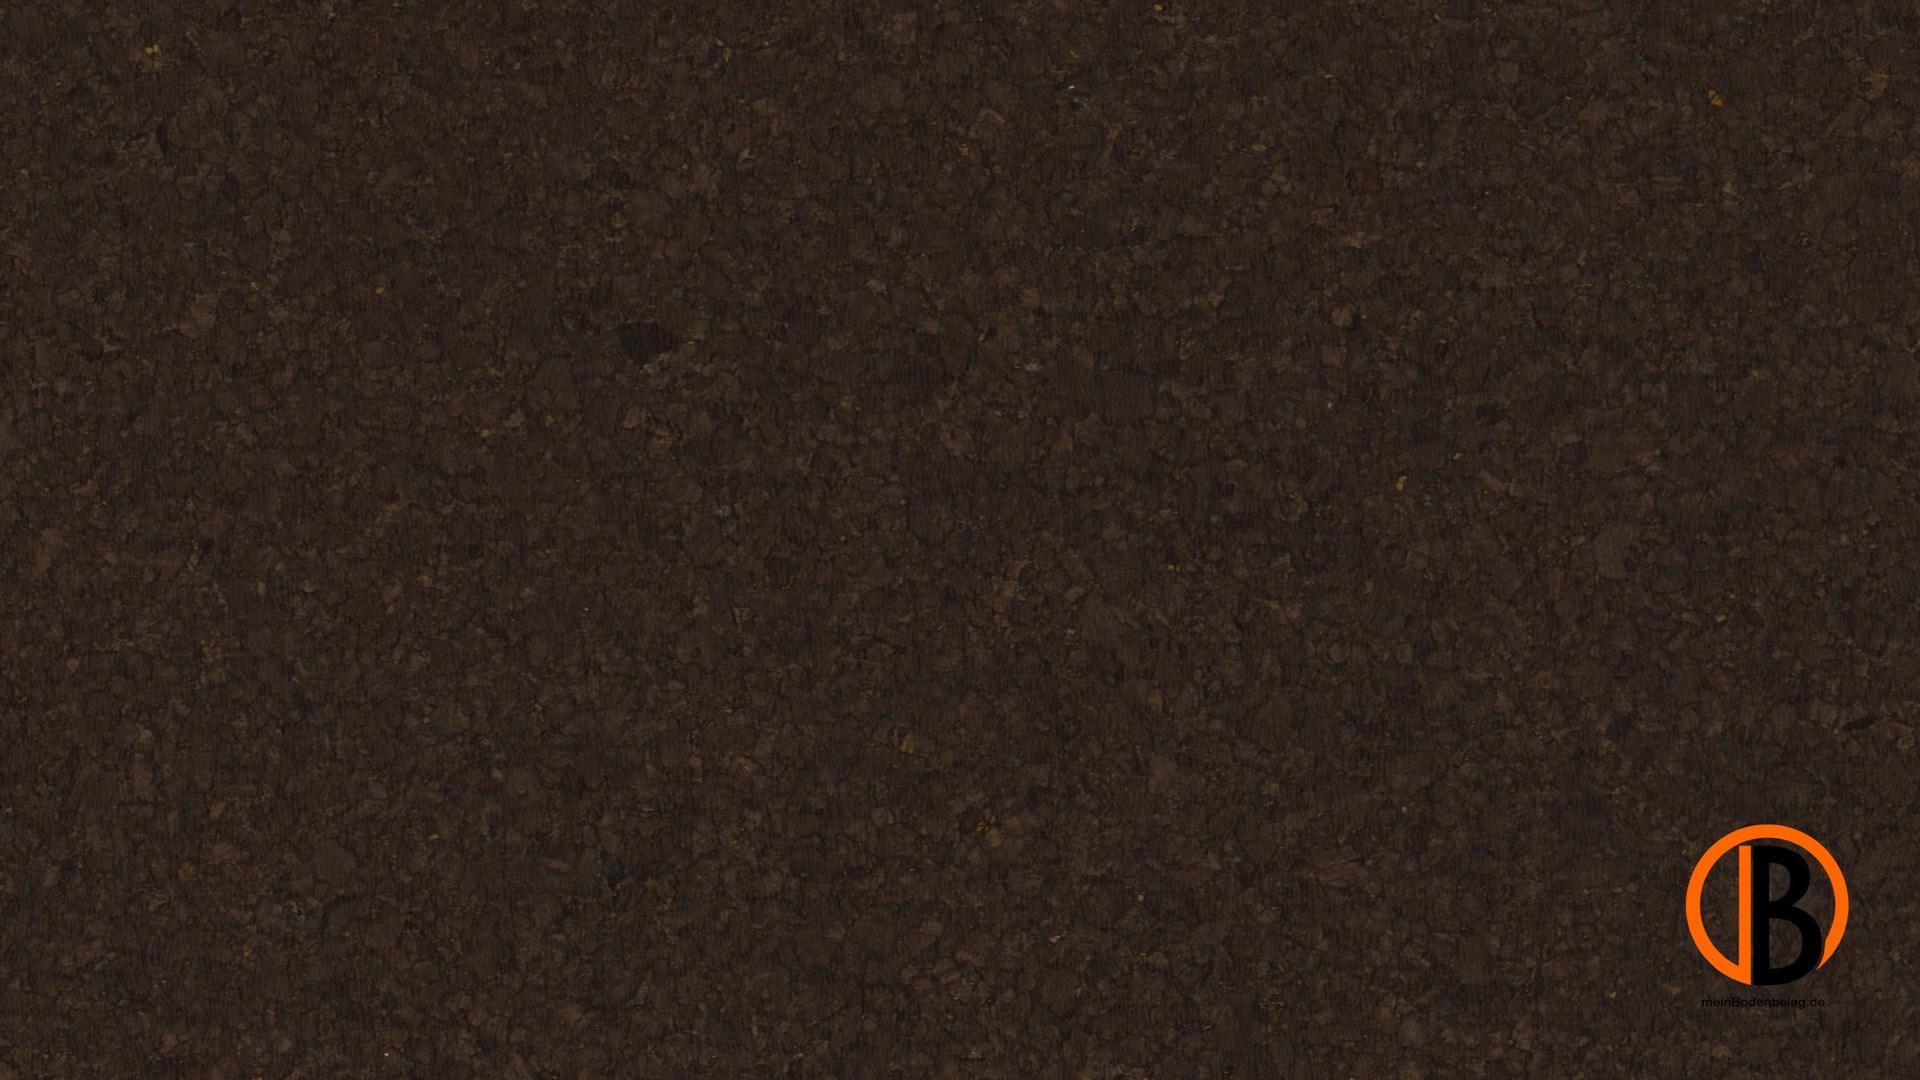 Mein Schöner Wohnen schöner wohnen click korkboden borkum kork fein schwarz